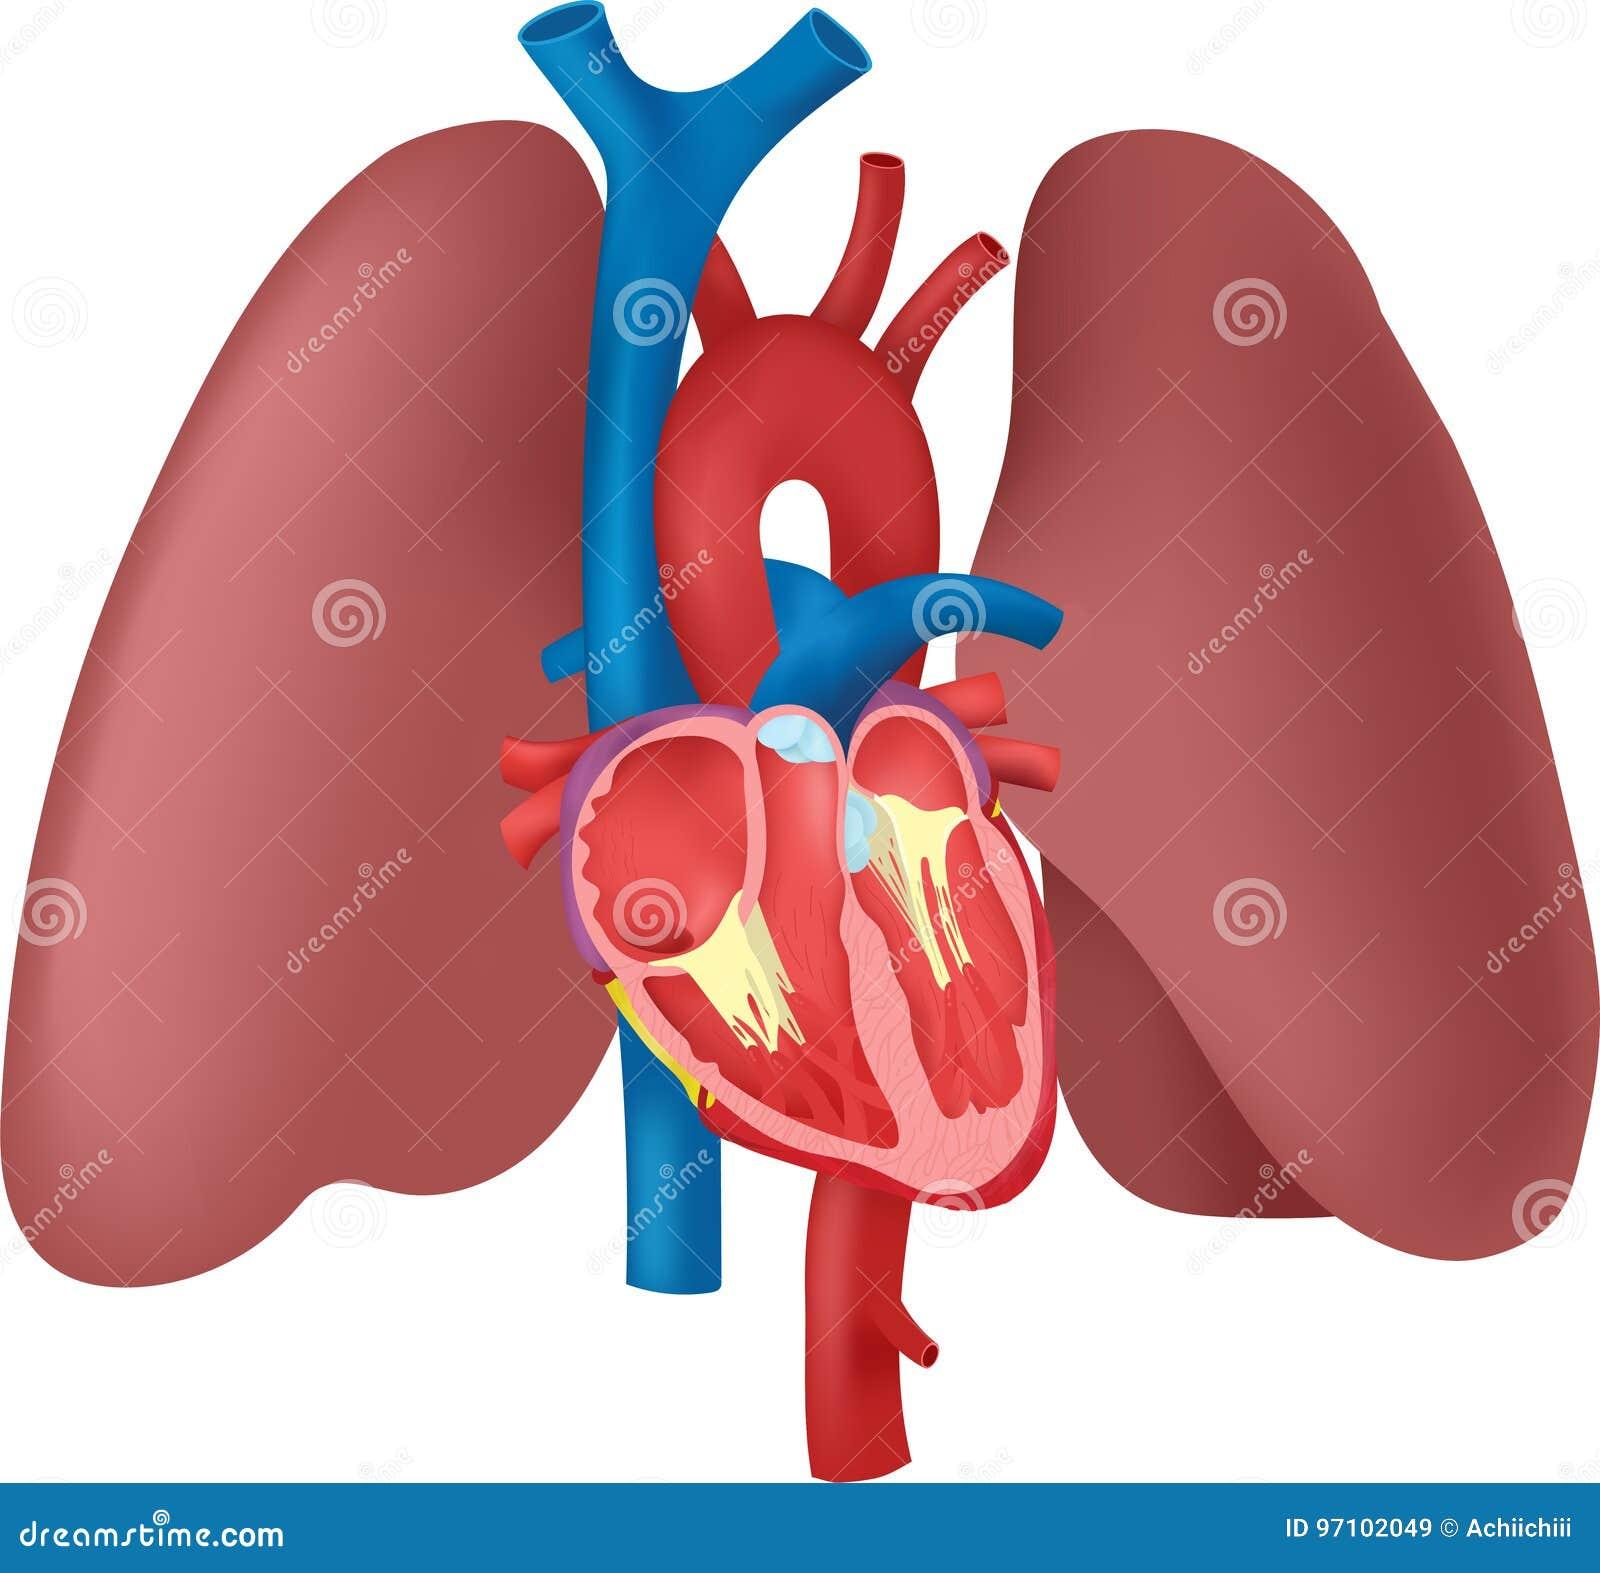 Wonderbaarlijk Anatomie Van Het Hart En De Longen Vector Illustratie BX-26